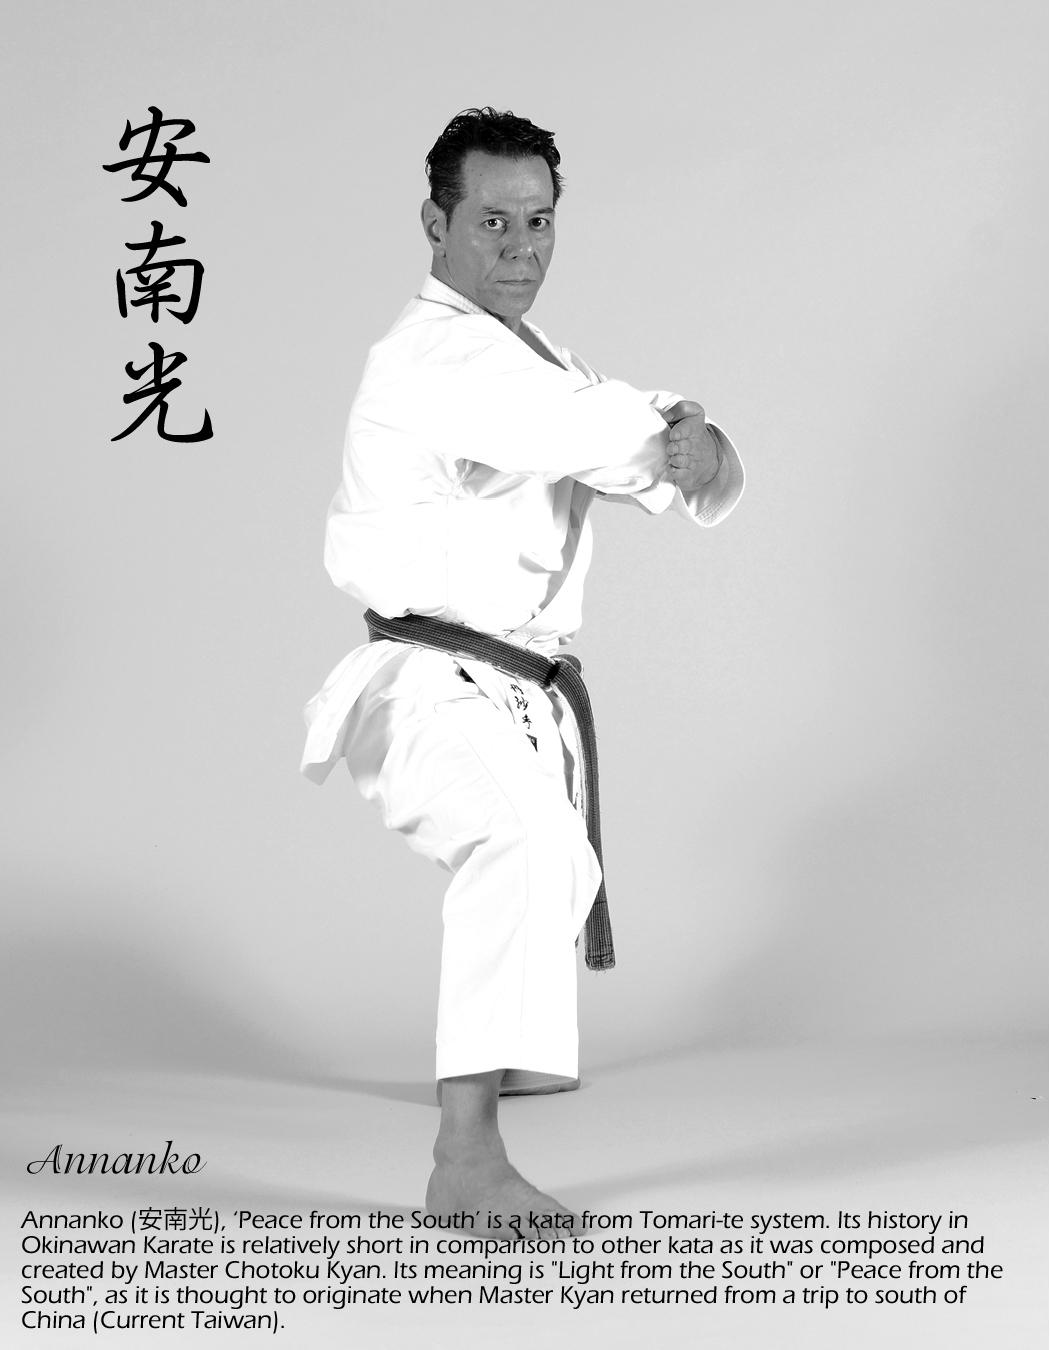 Sensei-Tanzadeh-Performing-Annanko-Kata